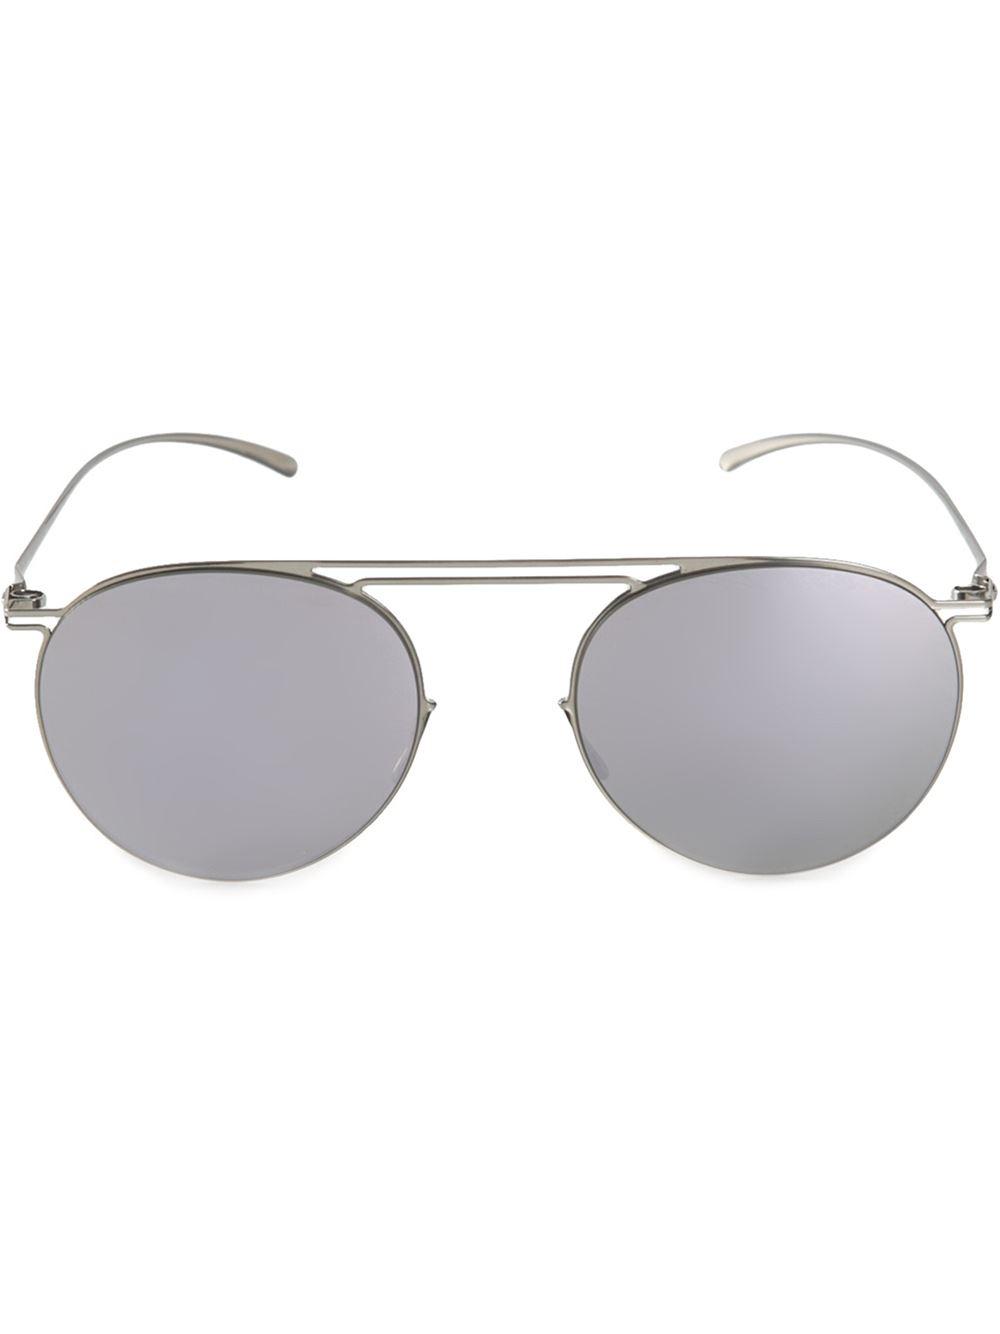 Maison Margiela x Mykita round sunglasses - Metallic Mykita S8scg